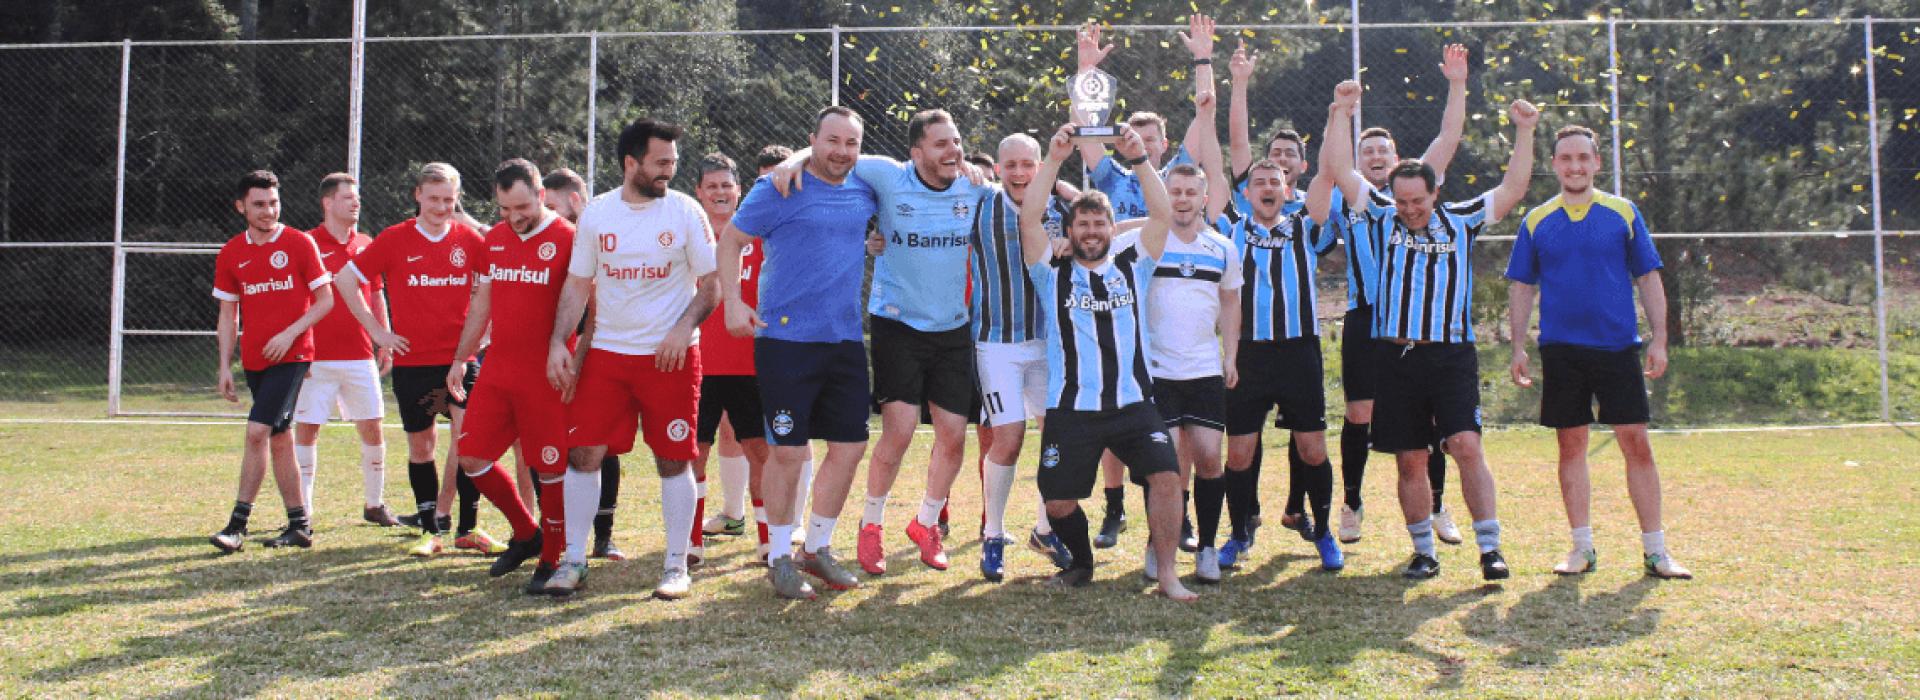 System promove 4° Campeonato de Jogos para colaboradores